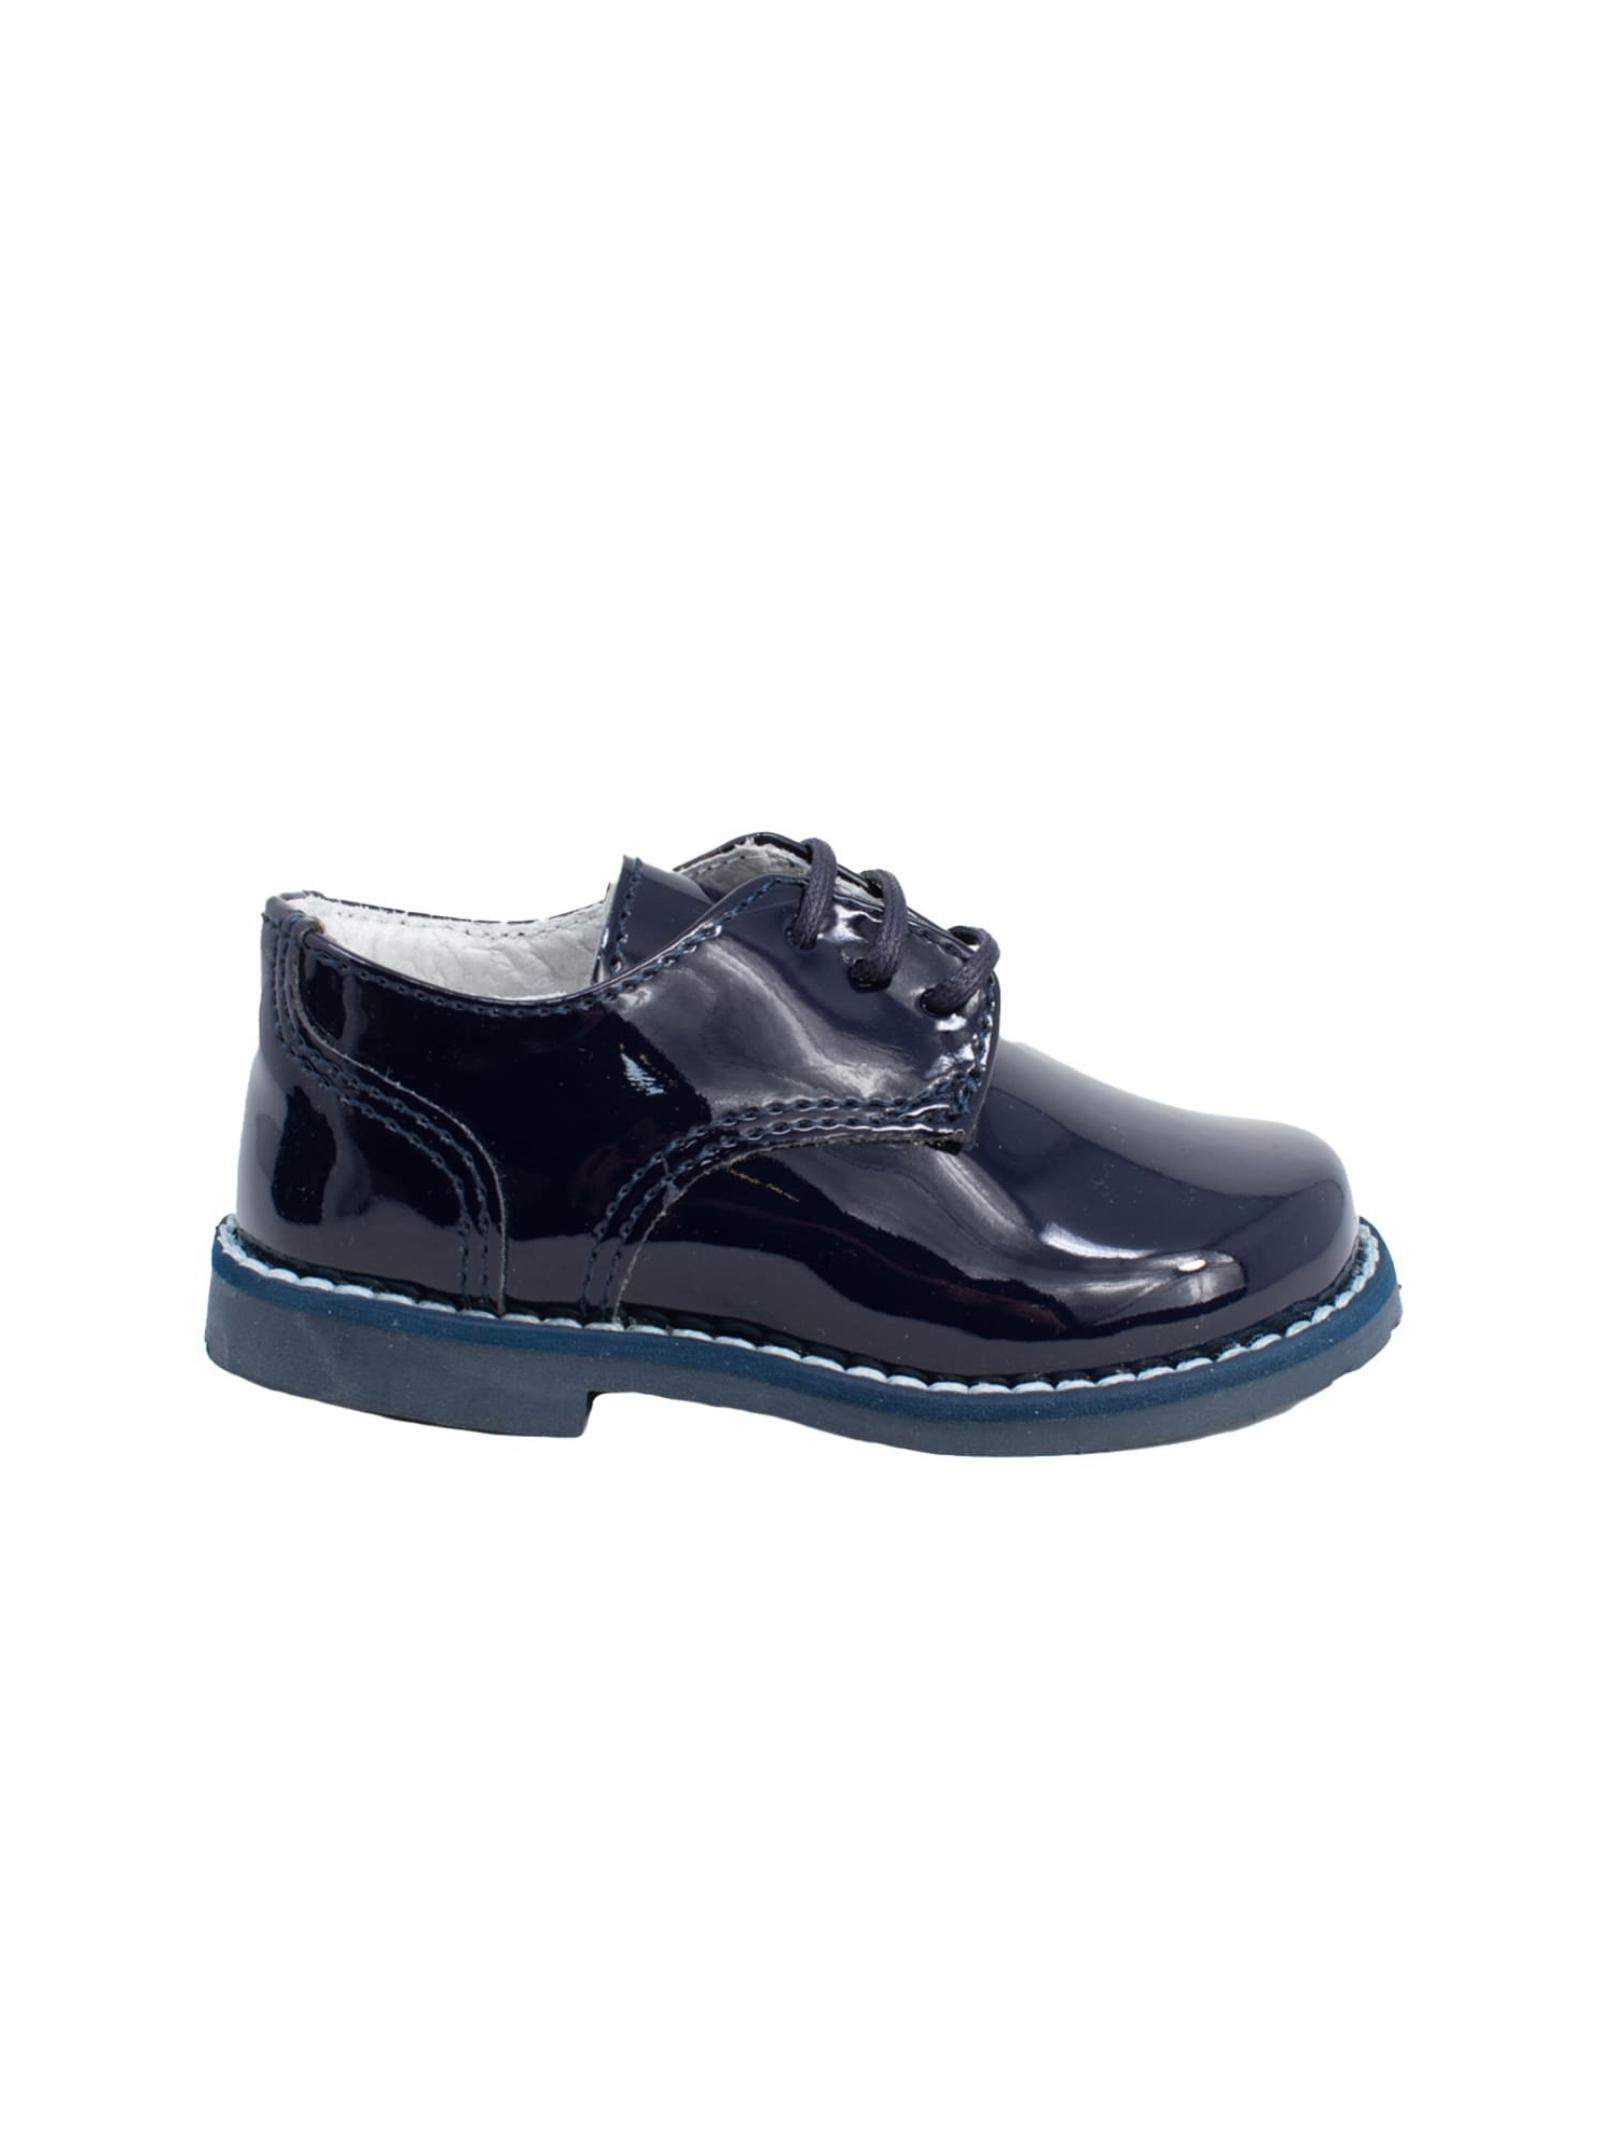 CARROTS | Desert boots | 310BLU